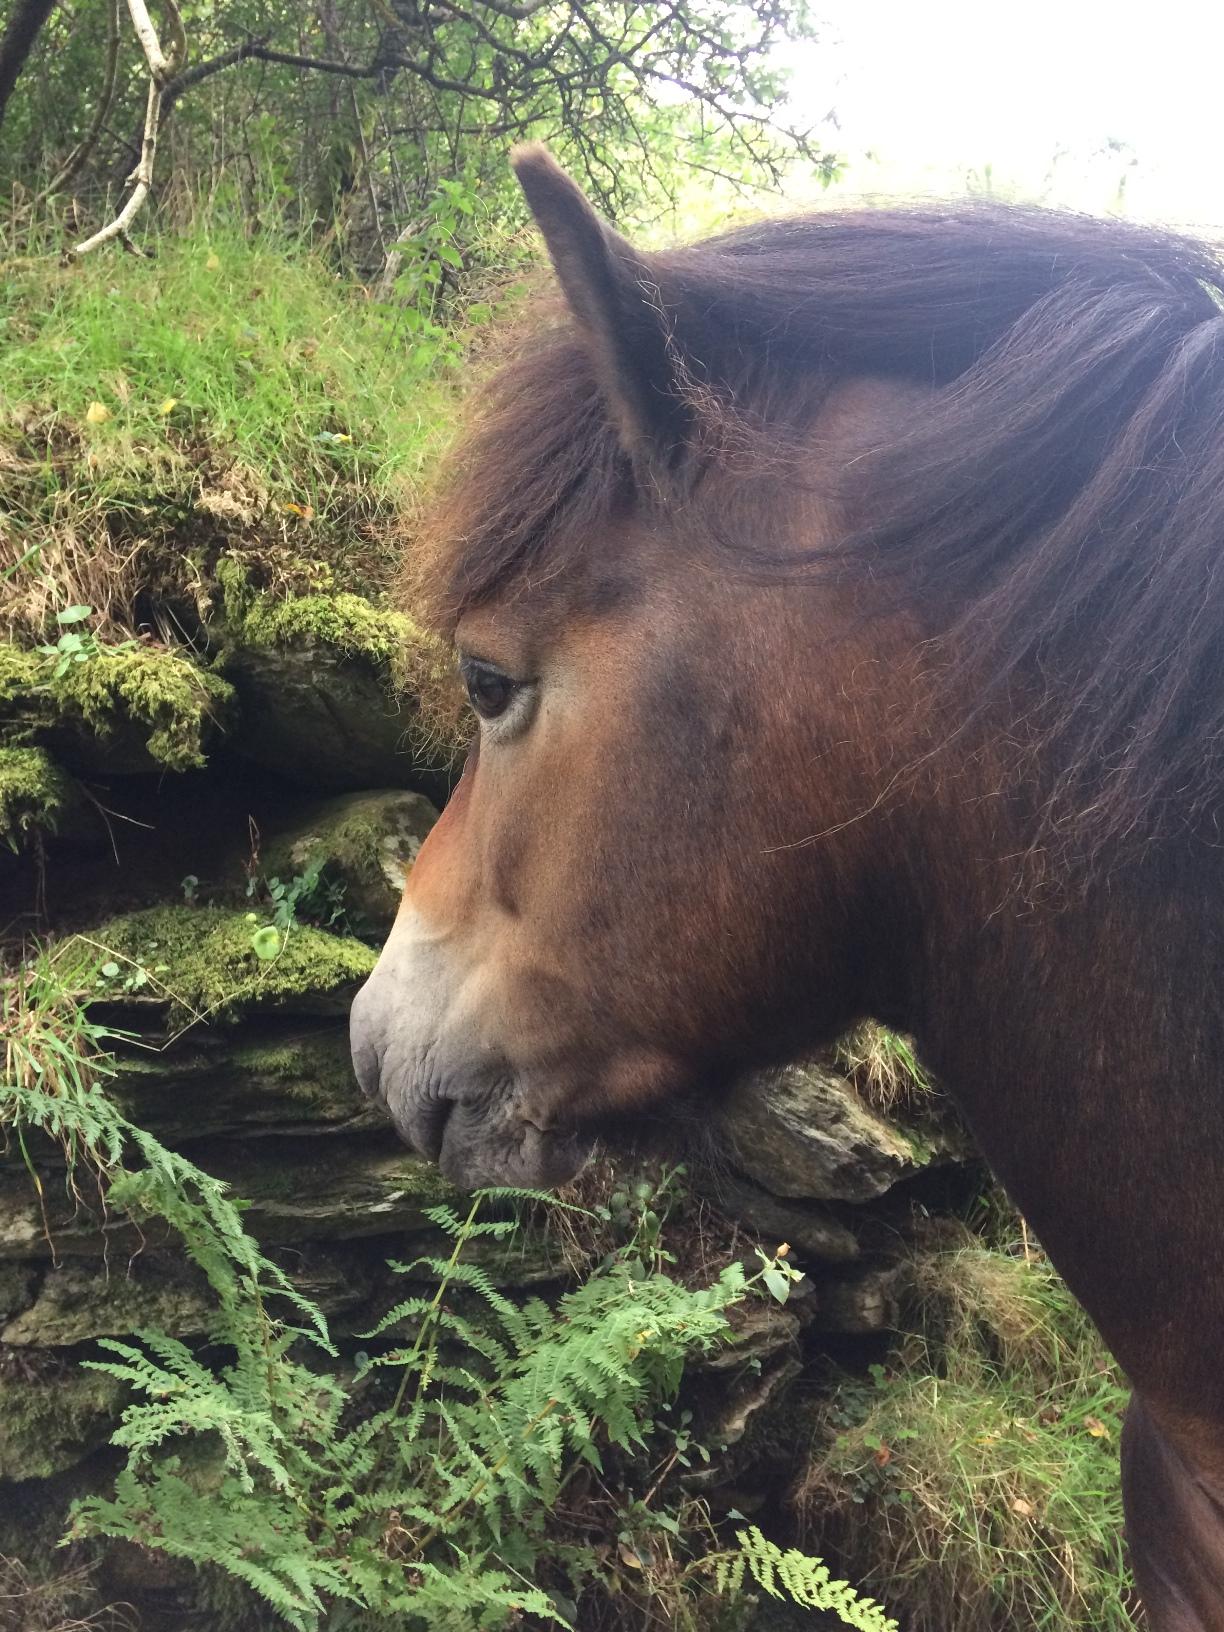 exmoor pony head